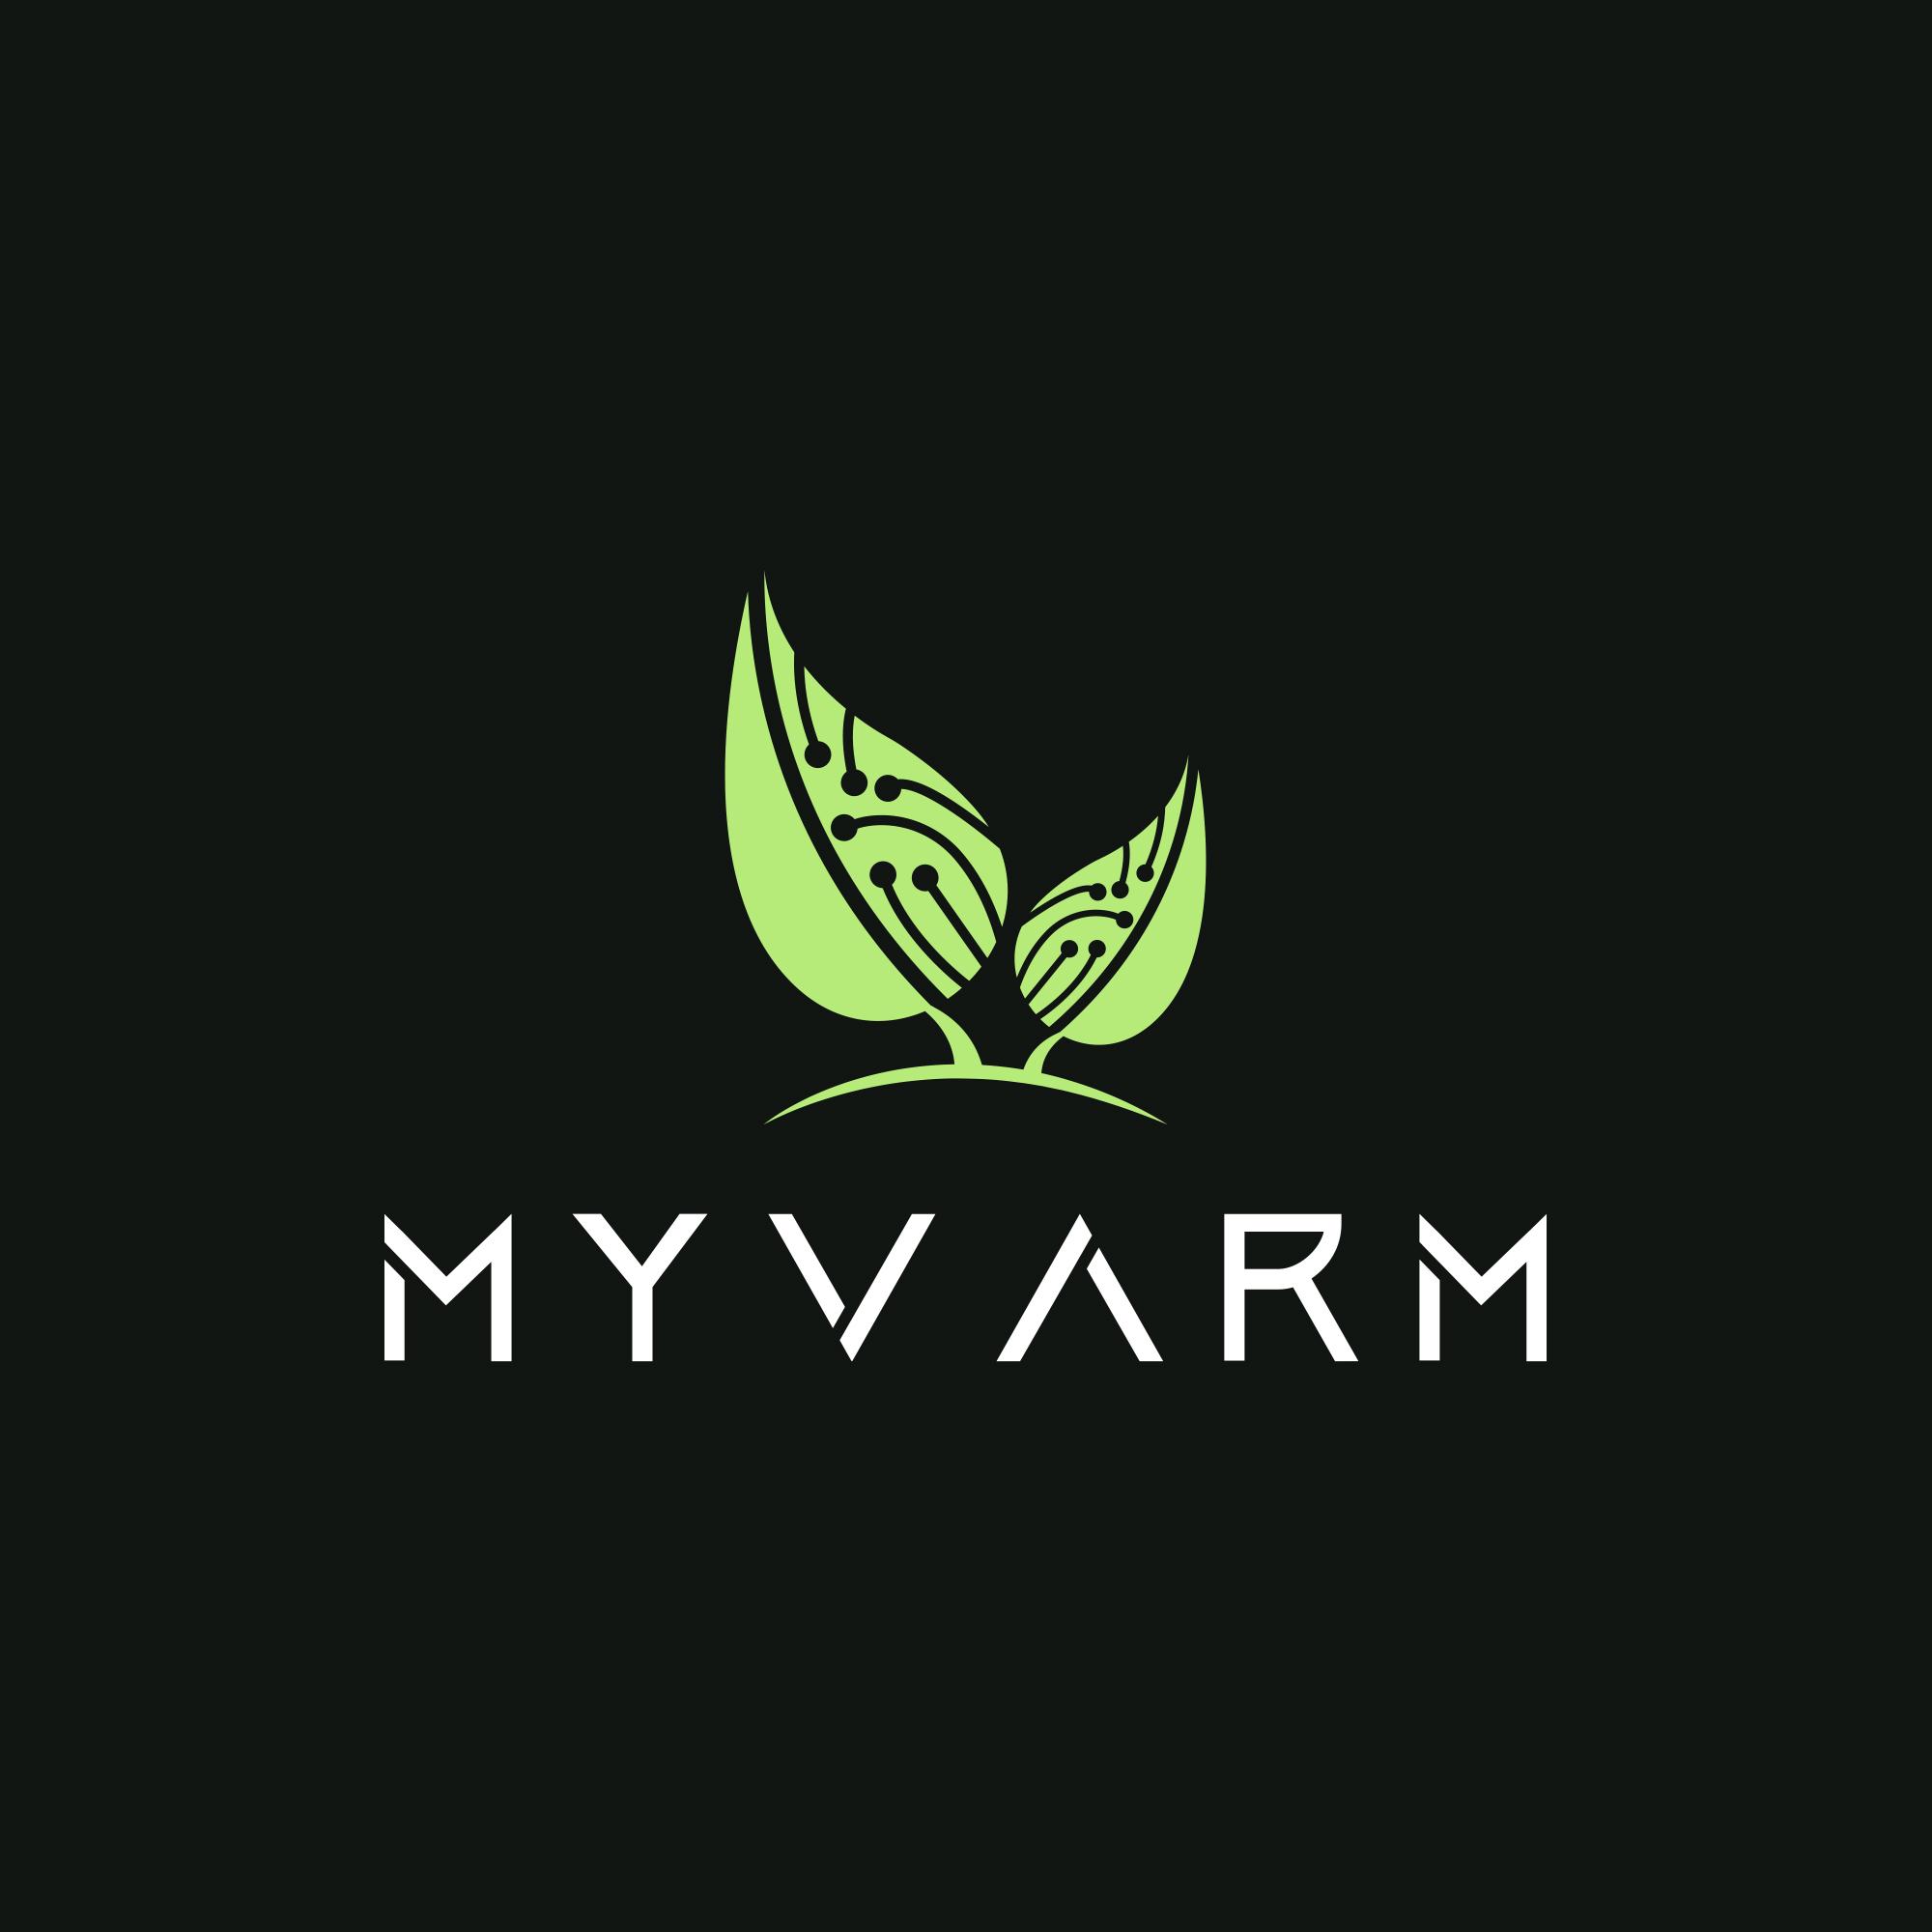 MyVarm